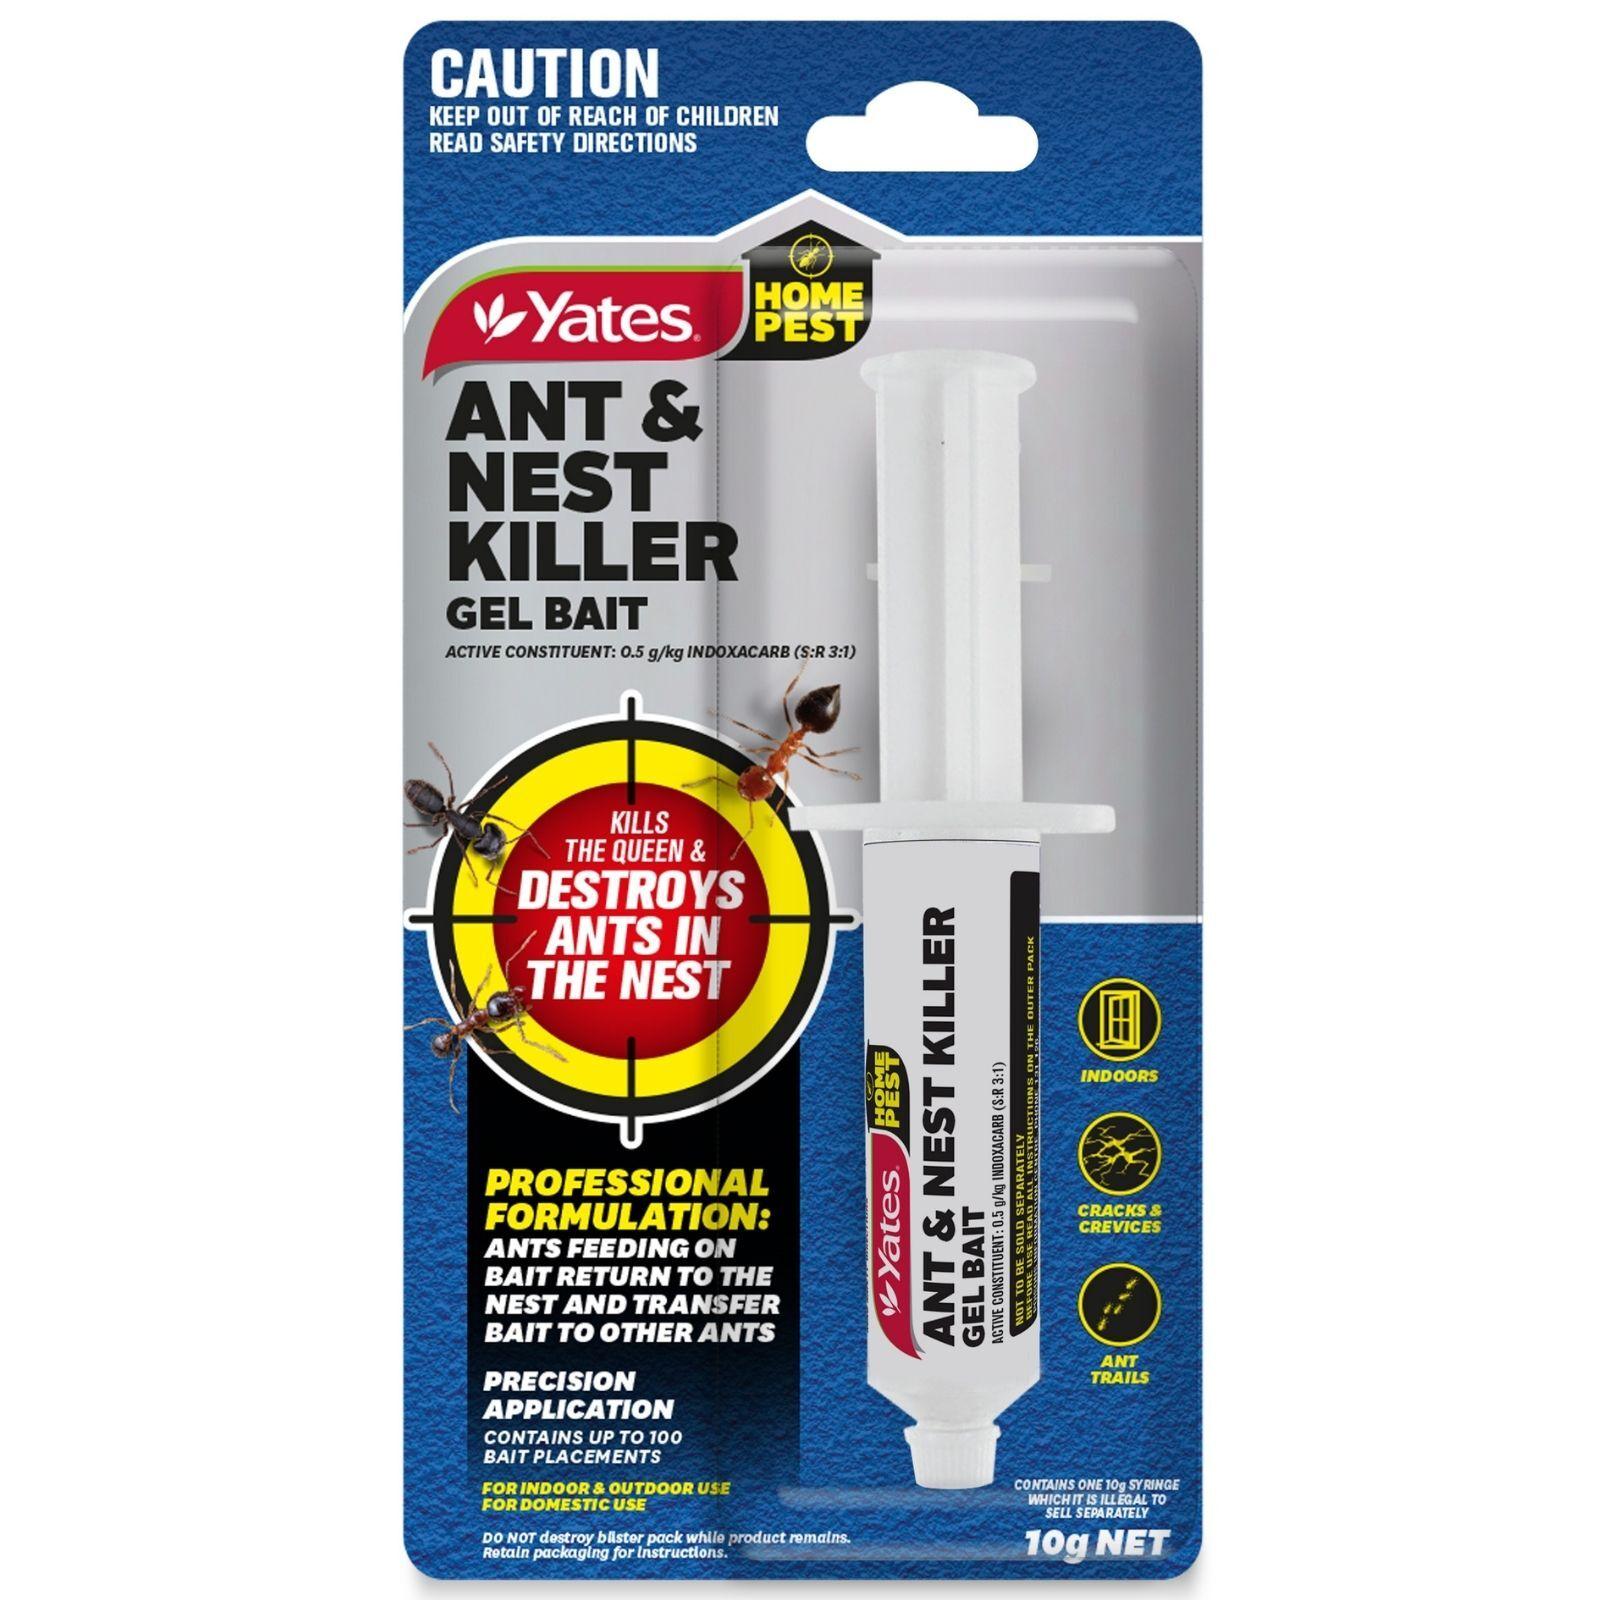 Yates 10g Home Pest Ant & Nest Killer Gel Bait